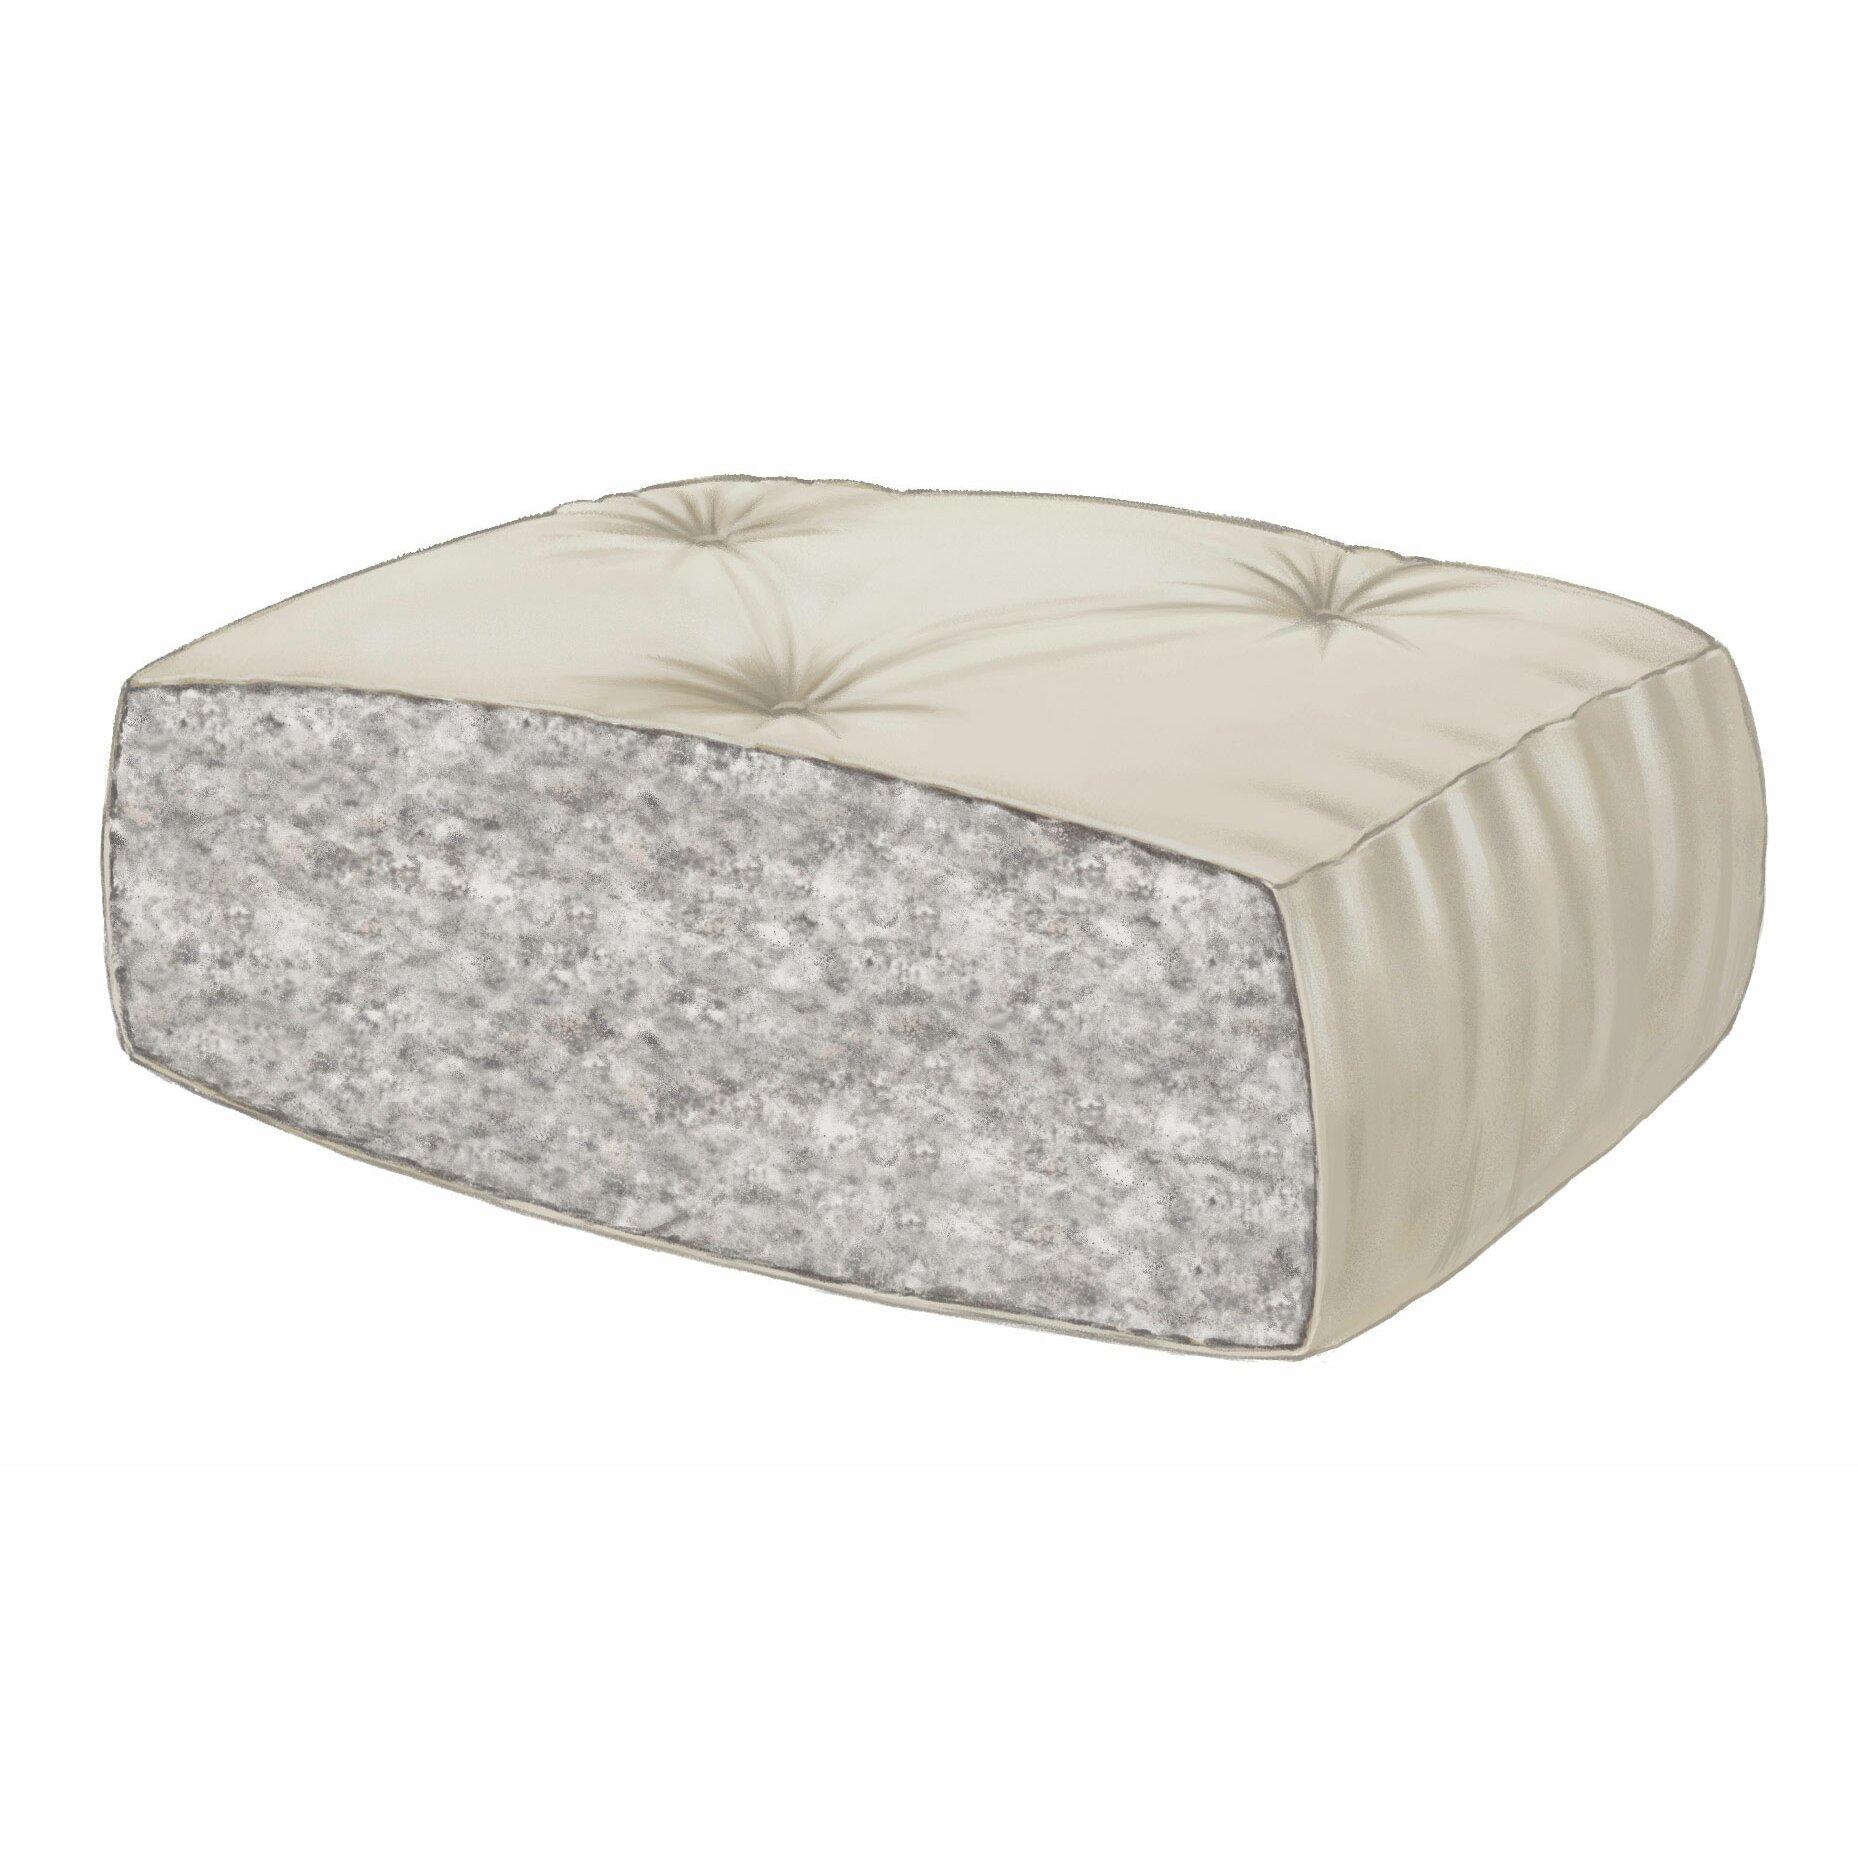 4 futon mattress